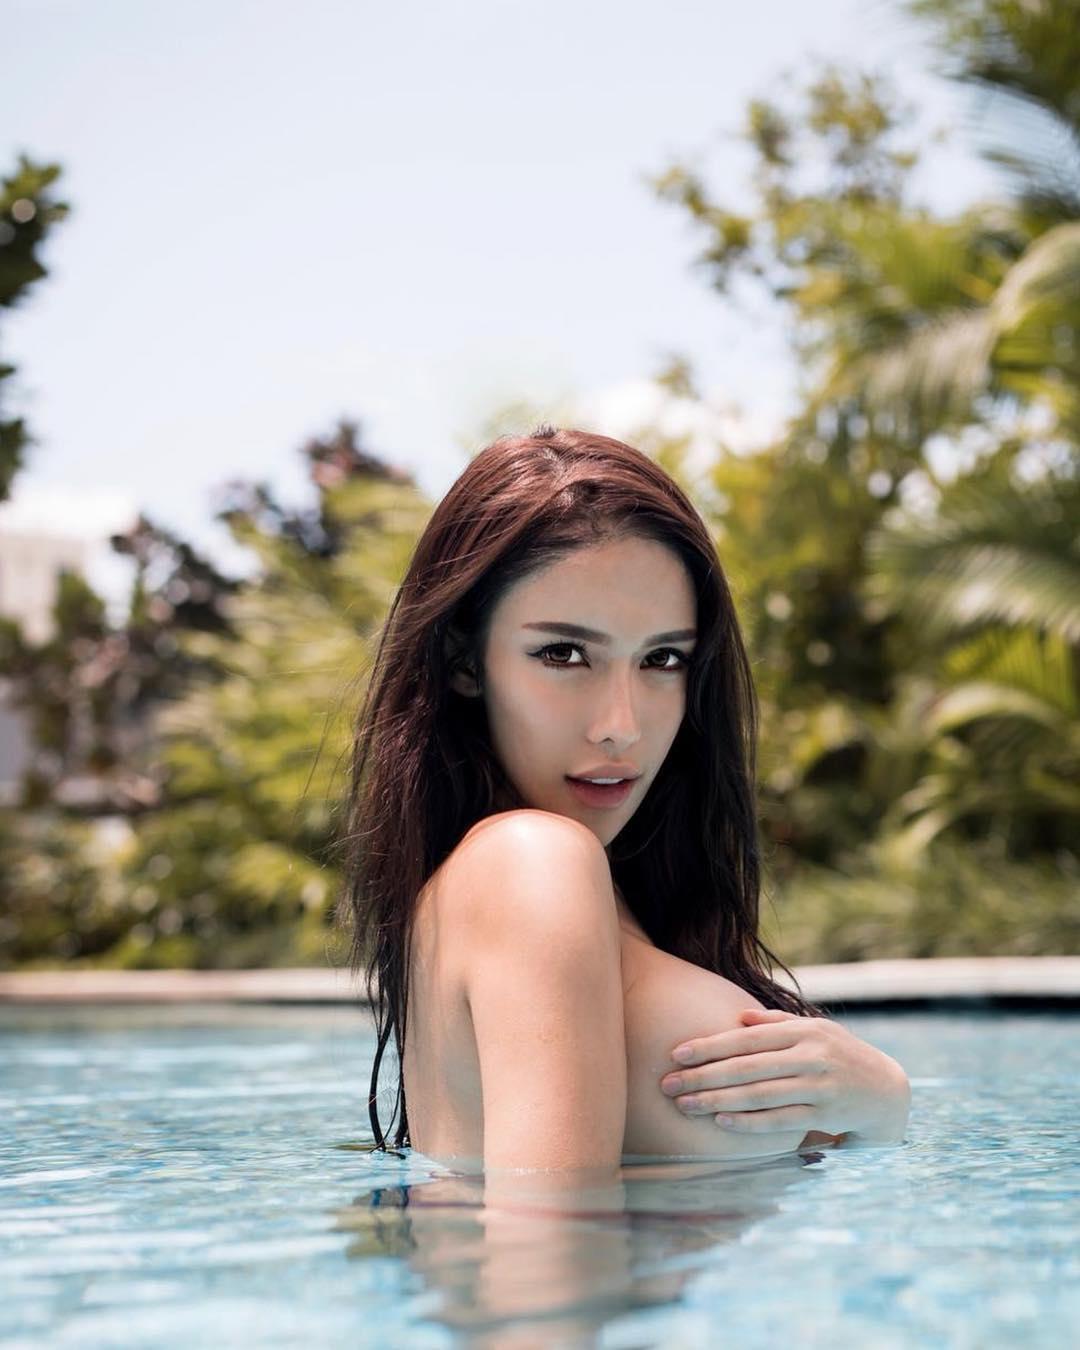 nữ dj xinh đẹp - jade rasif tạo dáng dưới hồ bơi